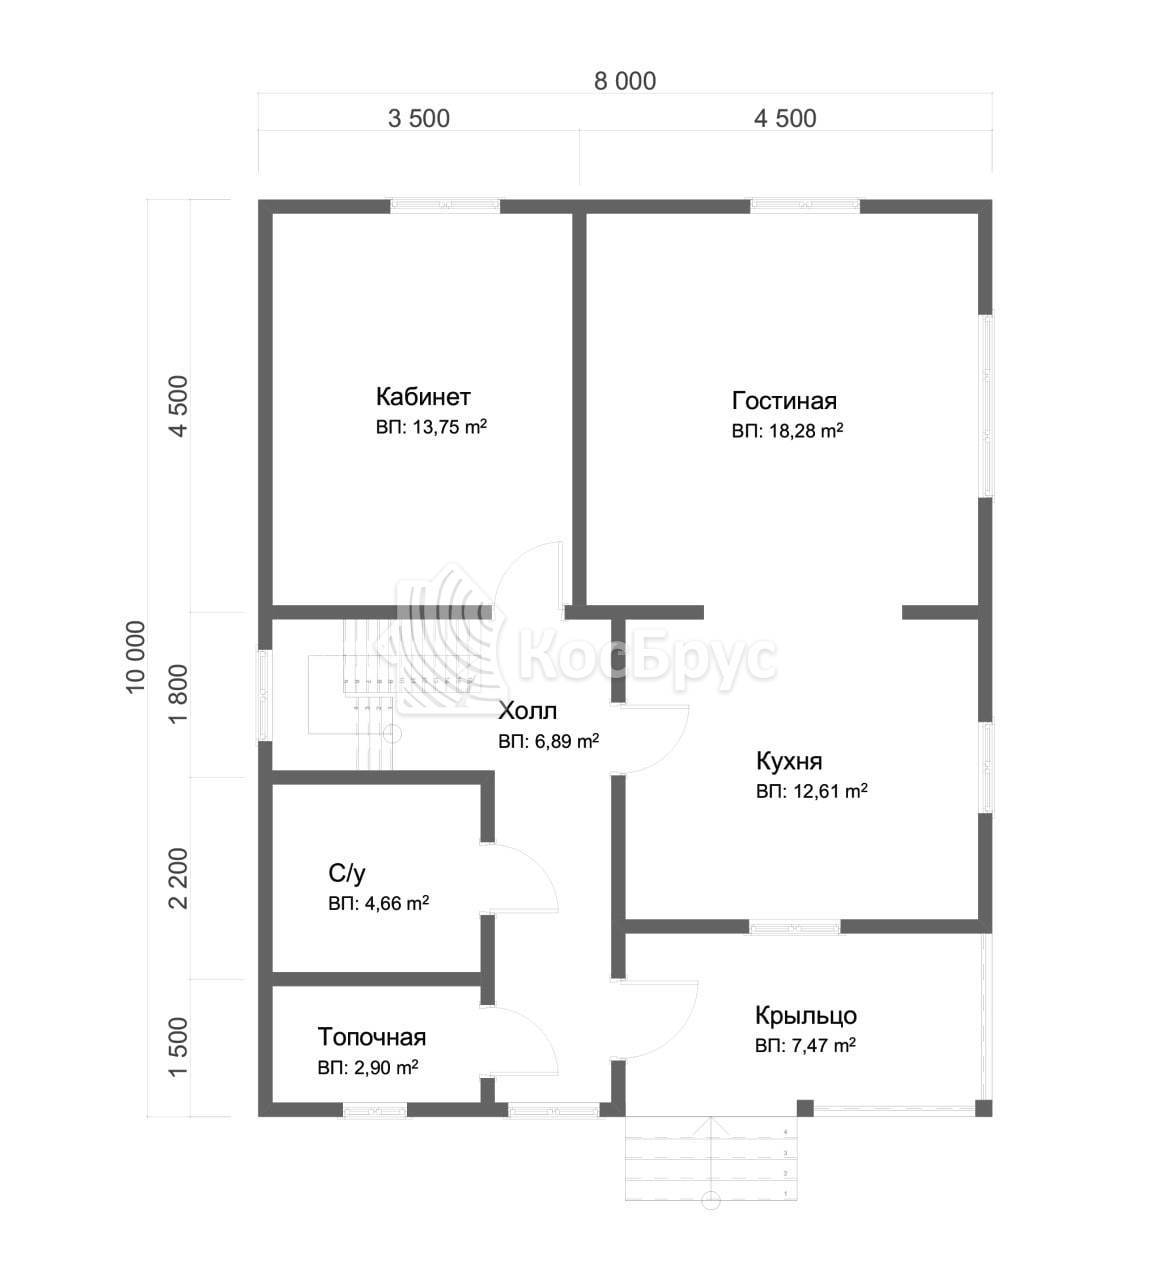 Проект дома из бруса 8.0х10.0 м